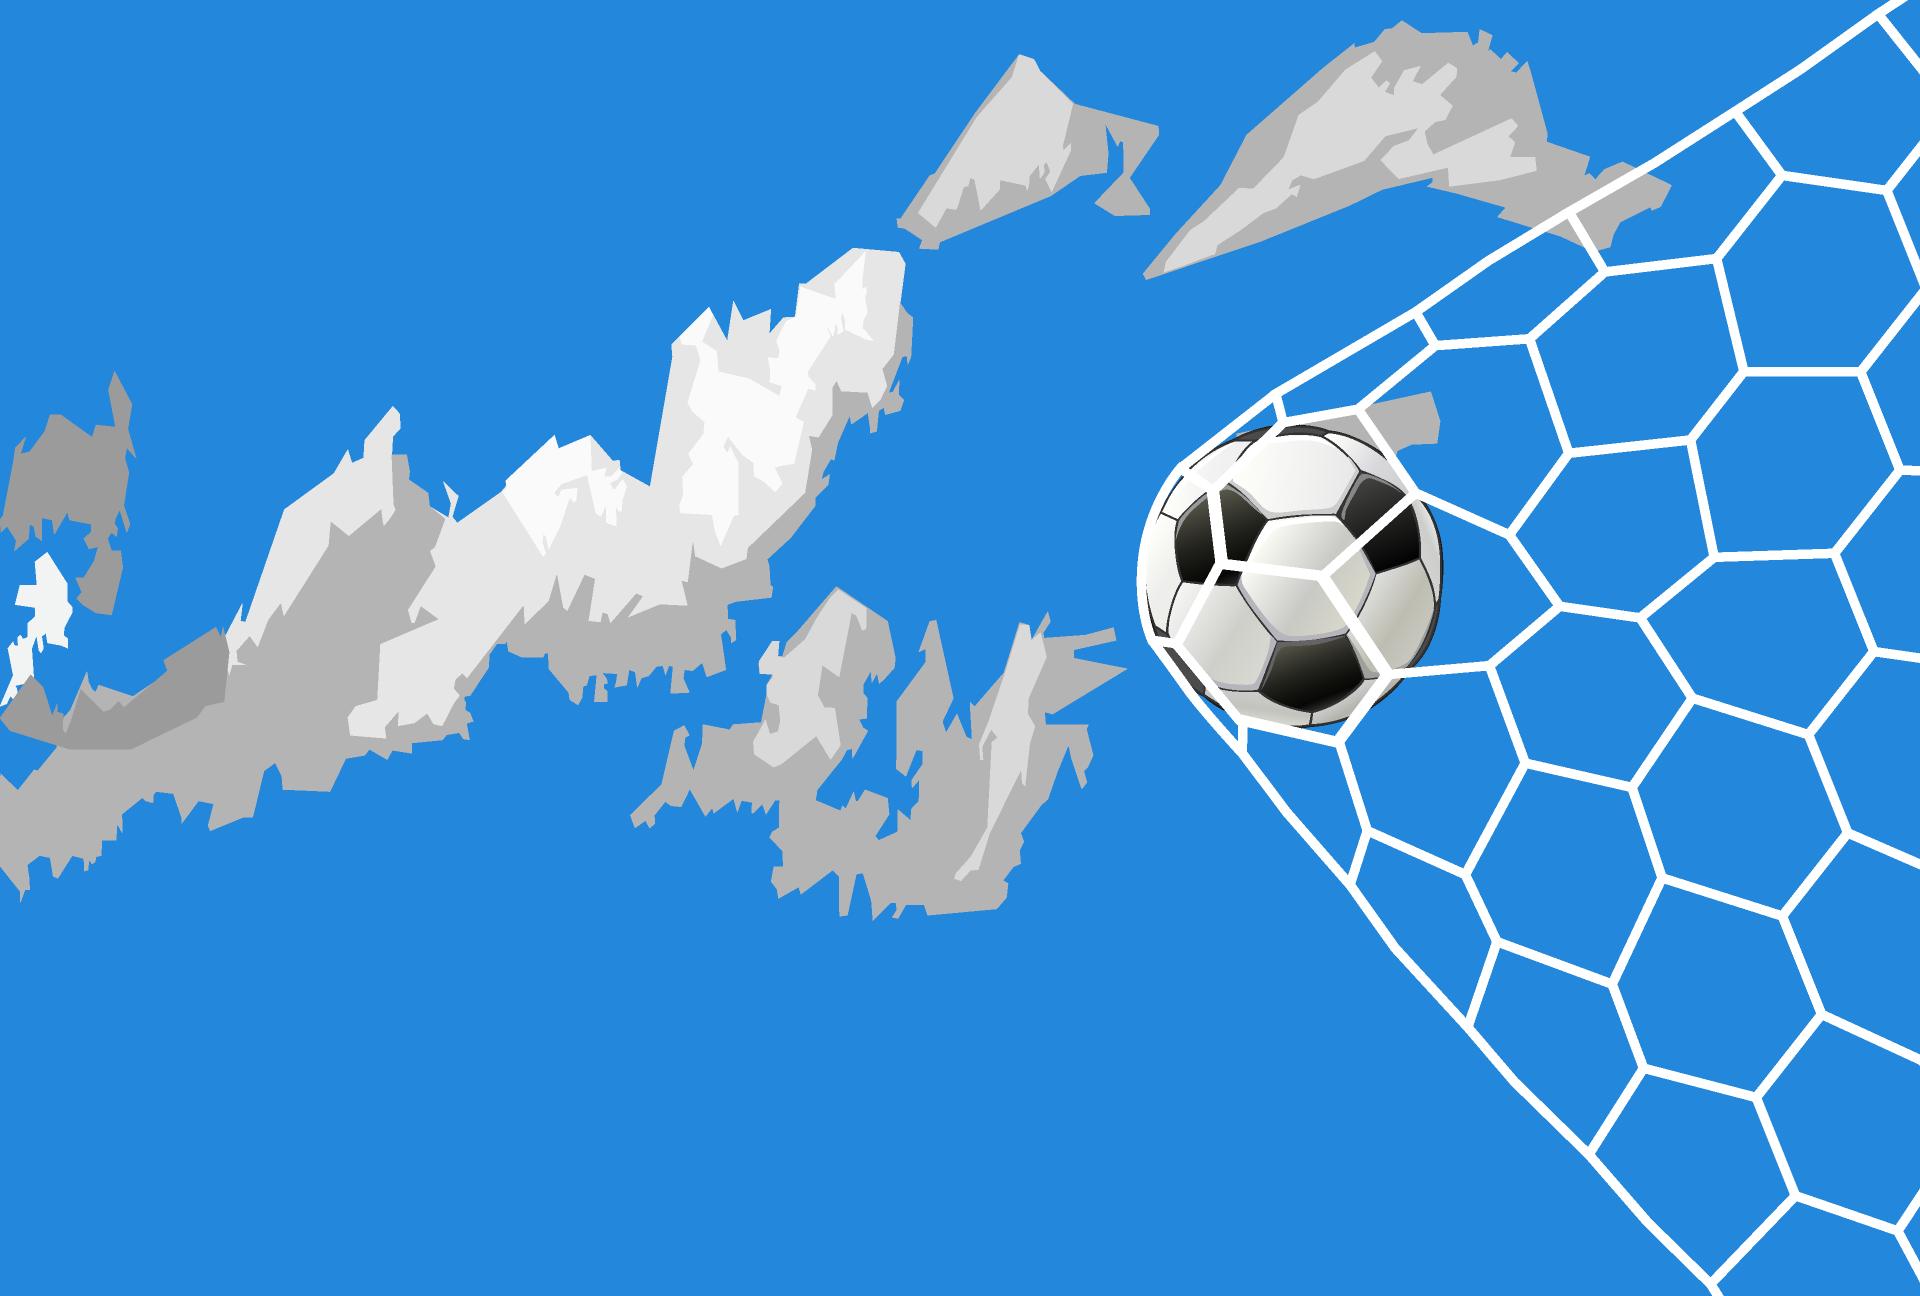 名波浩はサッカーの監督?出身、実家、家族構成。中田英寿が仲間?2